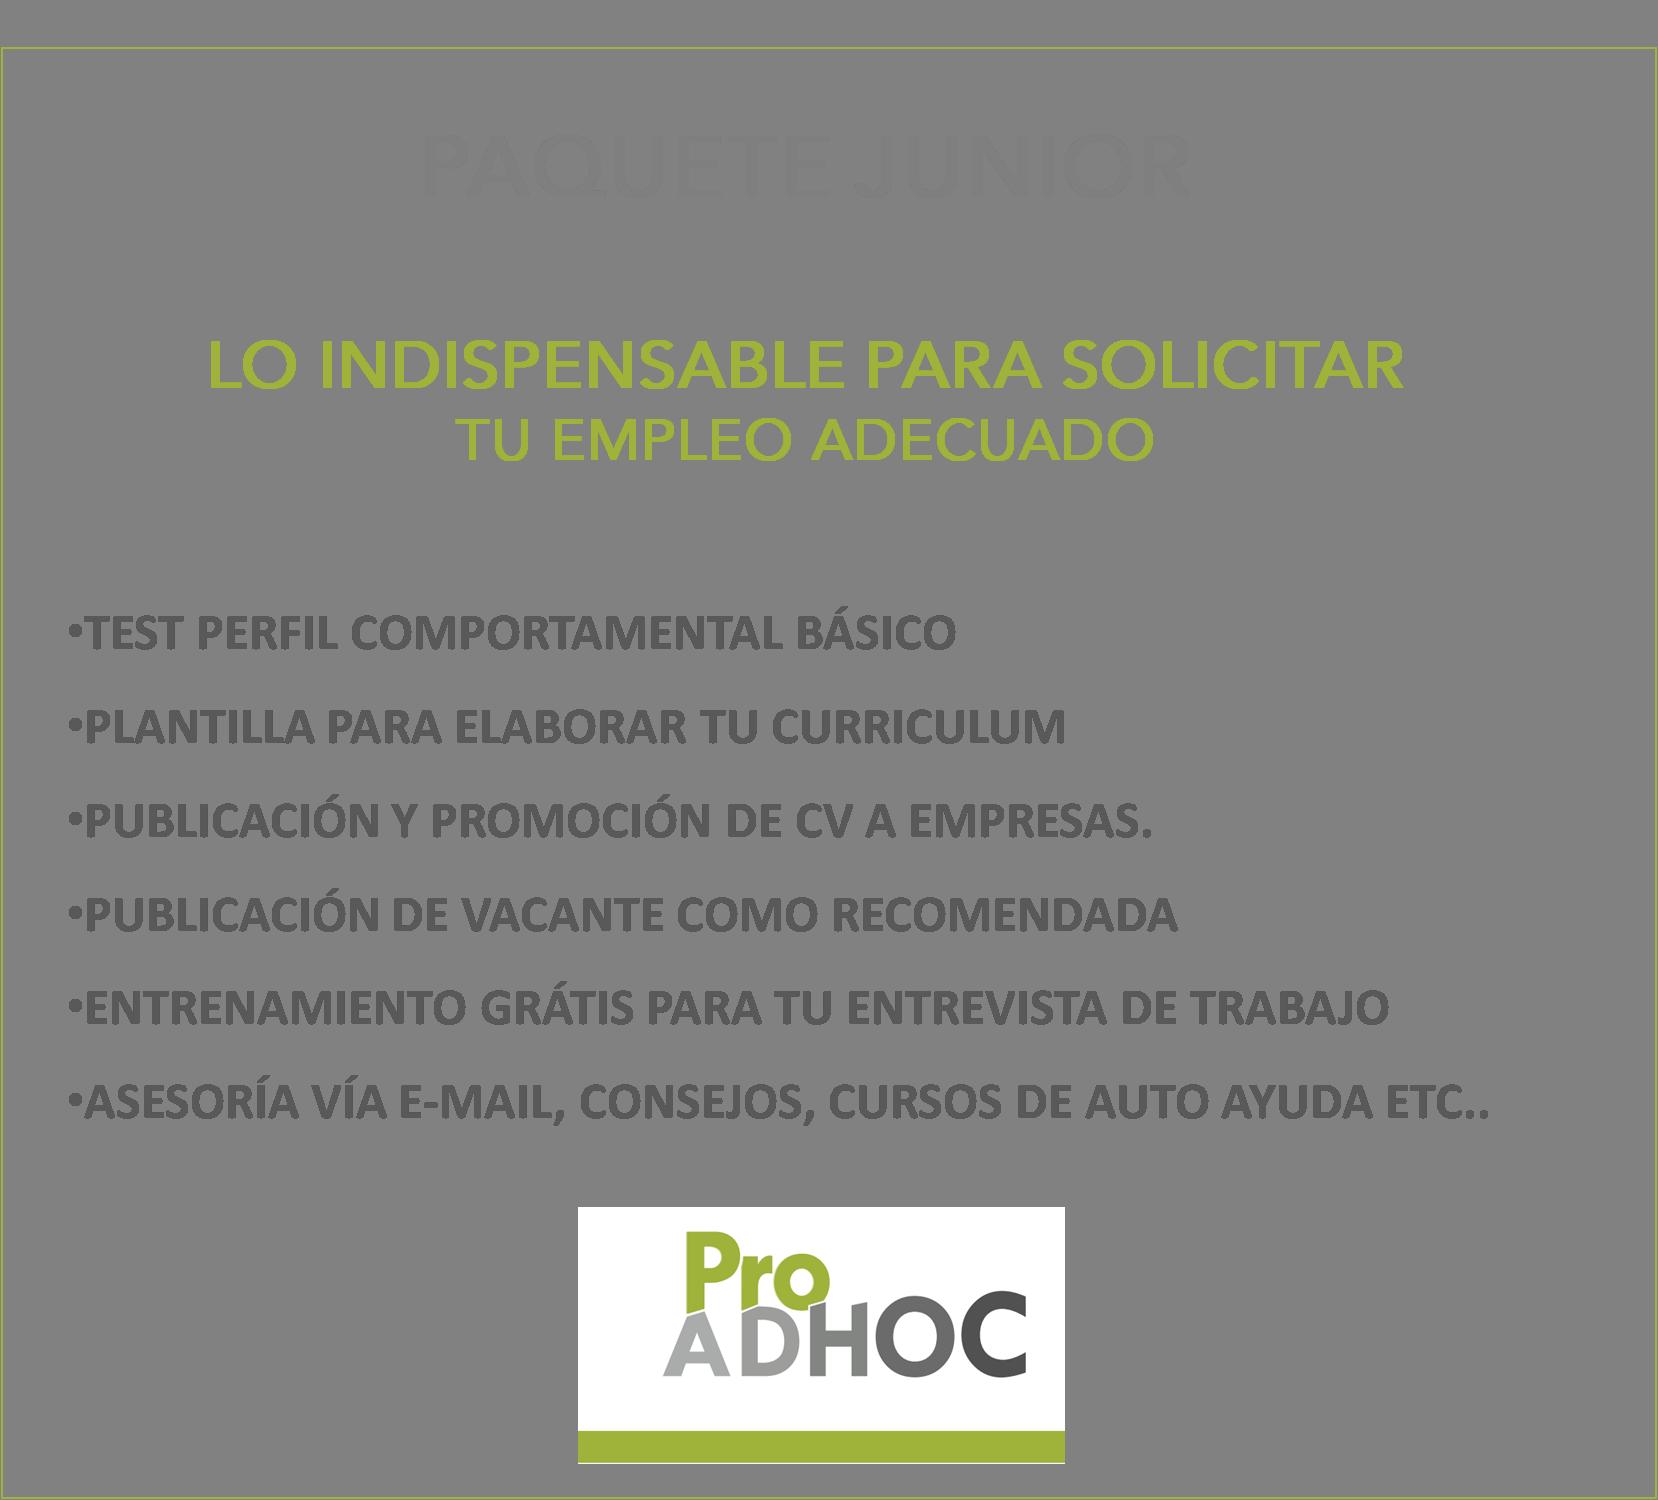 Paquete Junior – Proadhoc